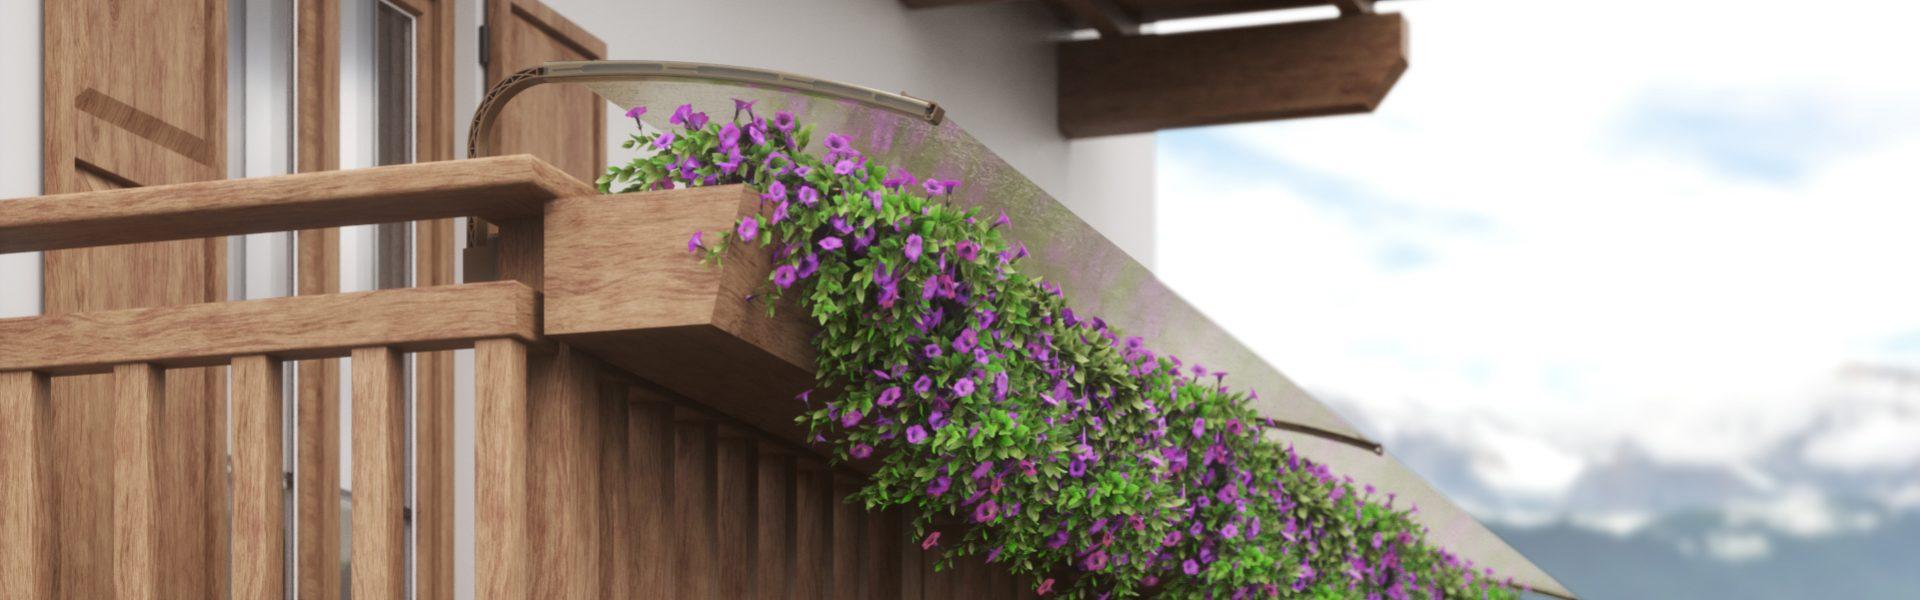 Telo di protezione per fiori da balcone